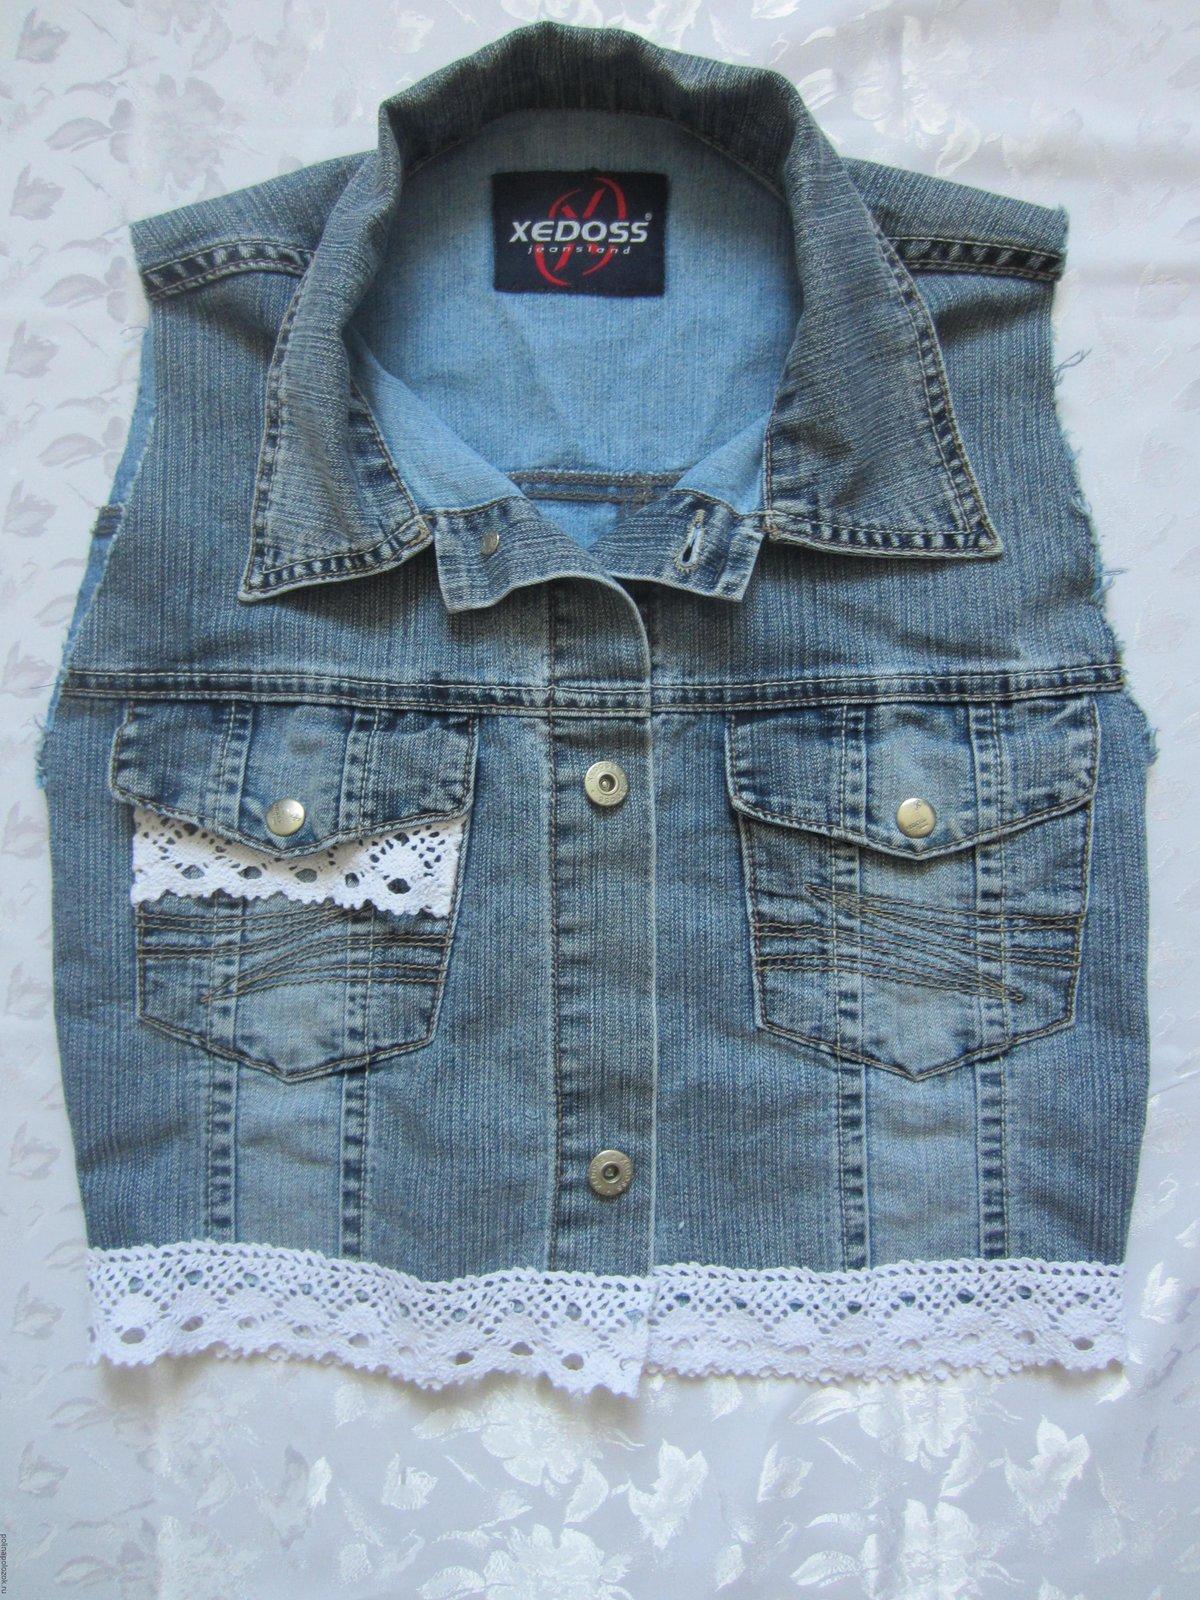 Как сделать жилетку из старых джинсов своими руками?